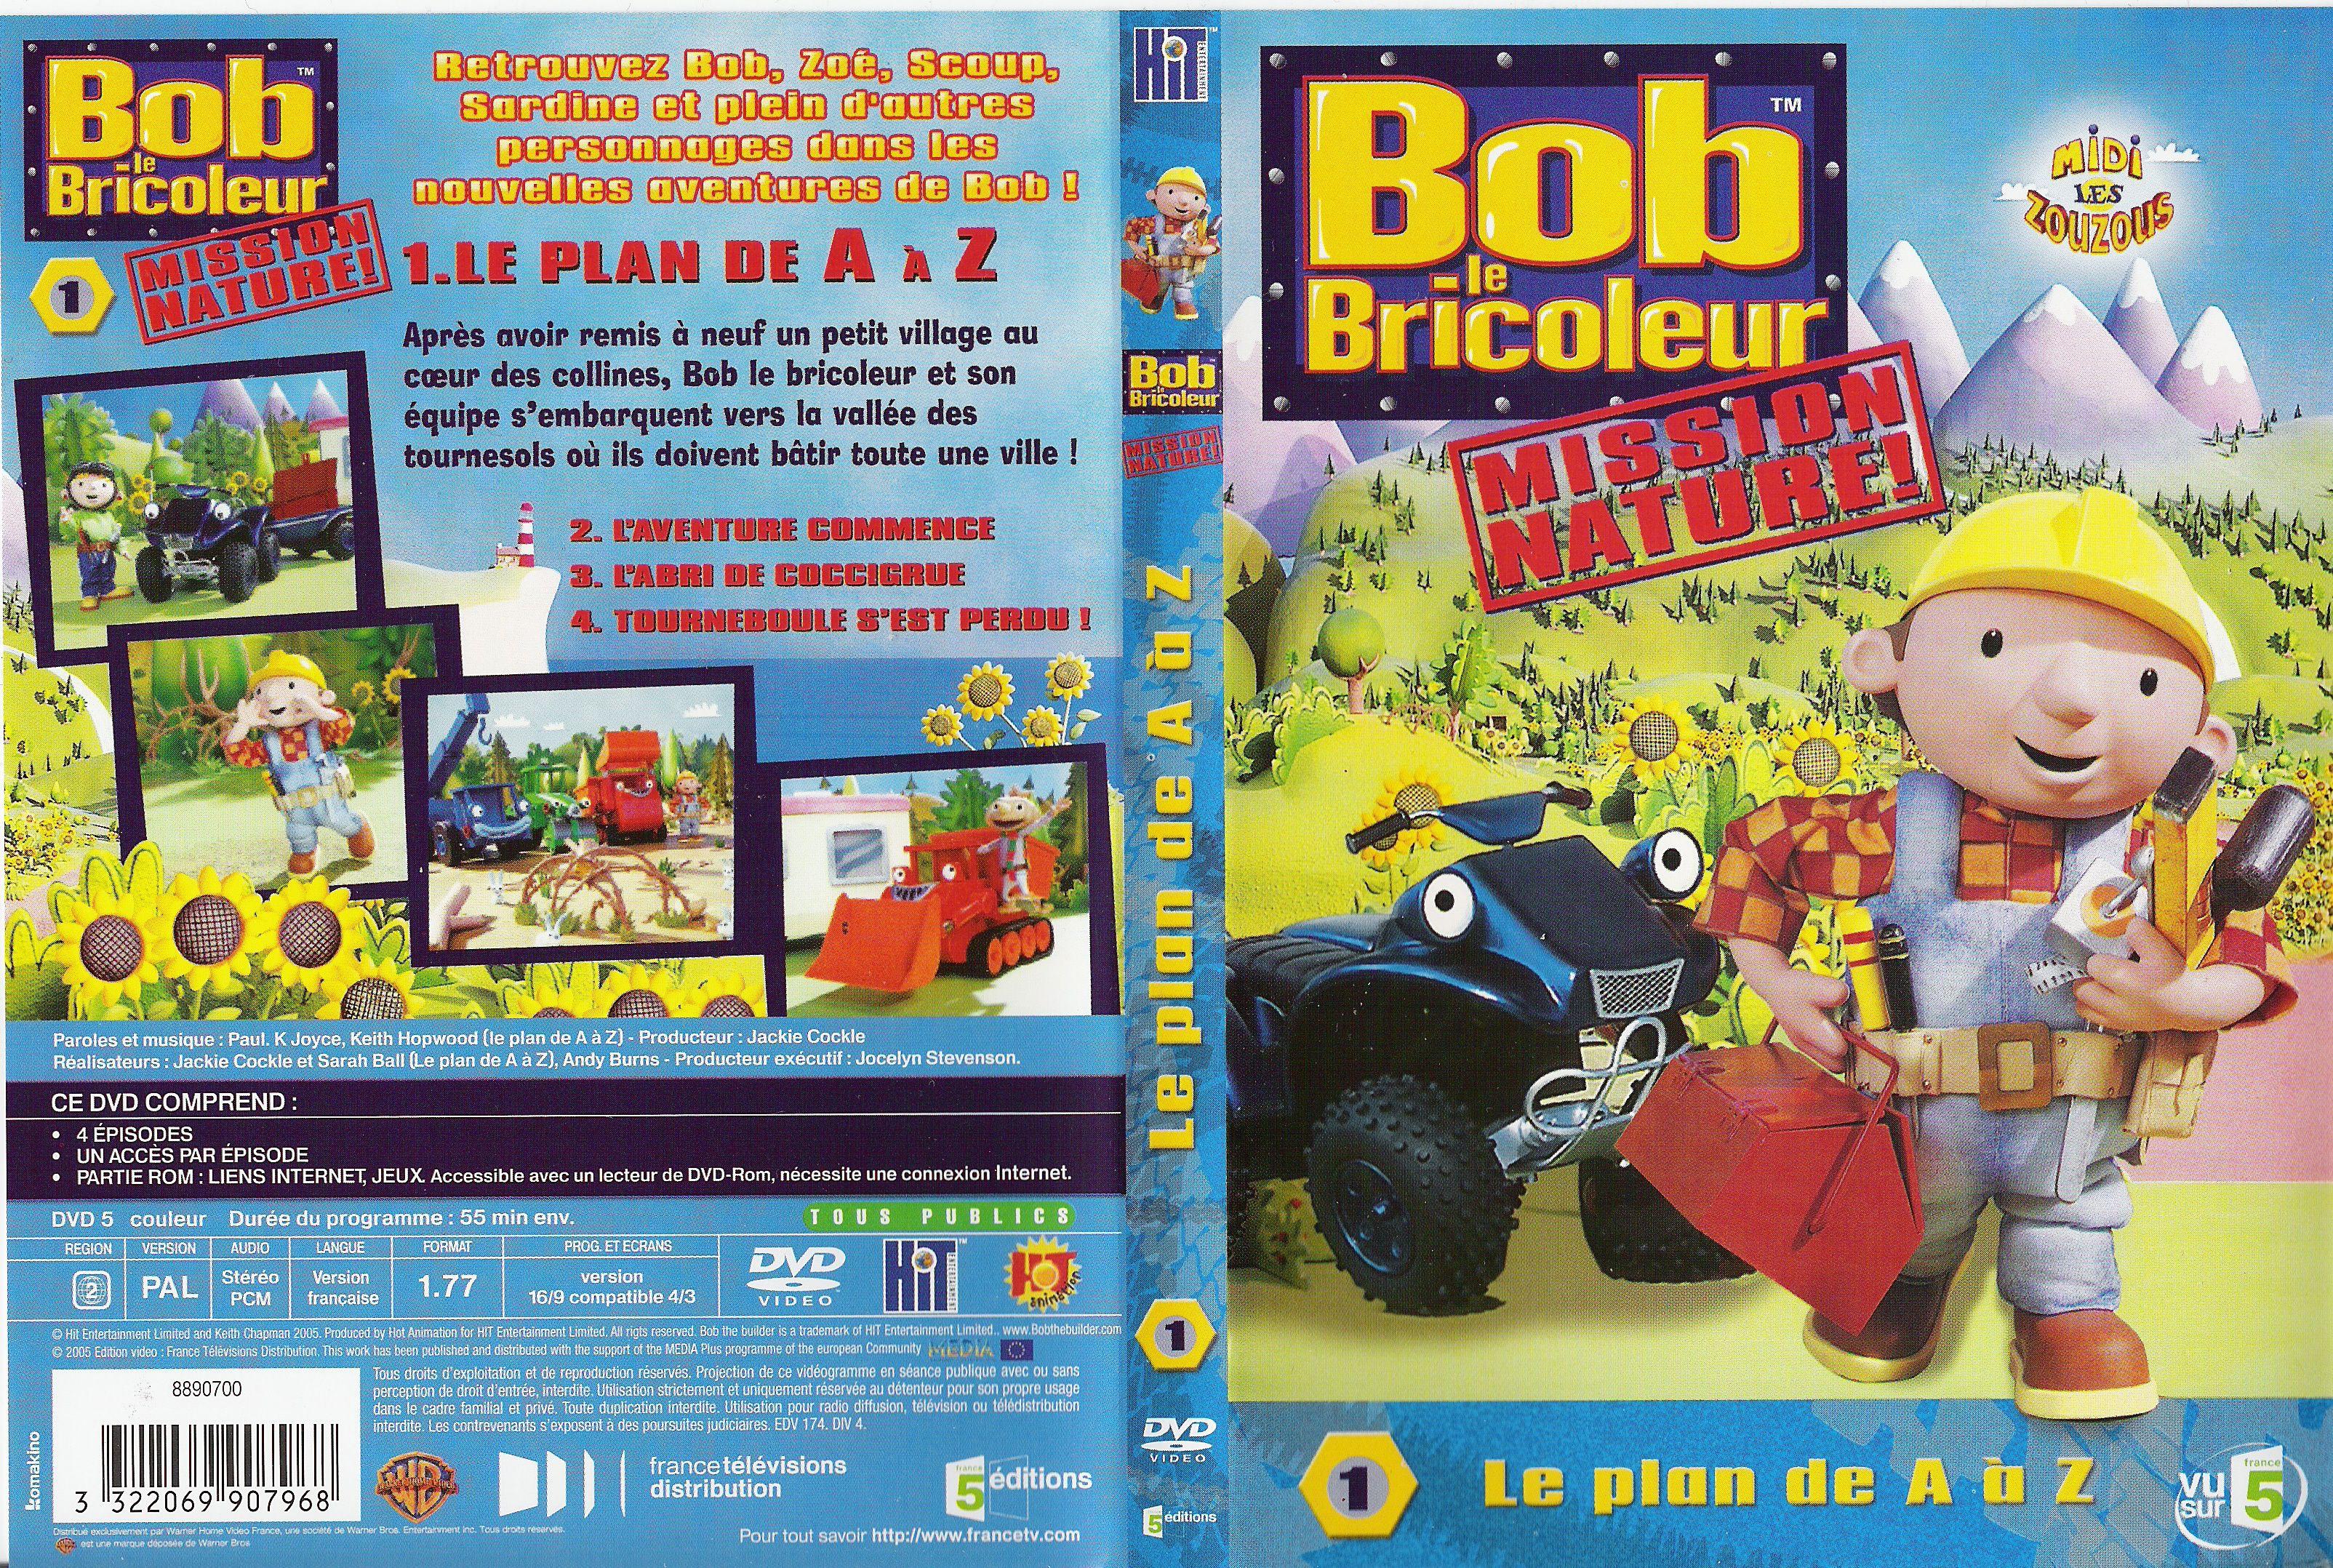 Zone 2 lettre A - Les Bricoleurs